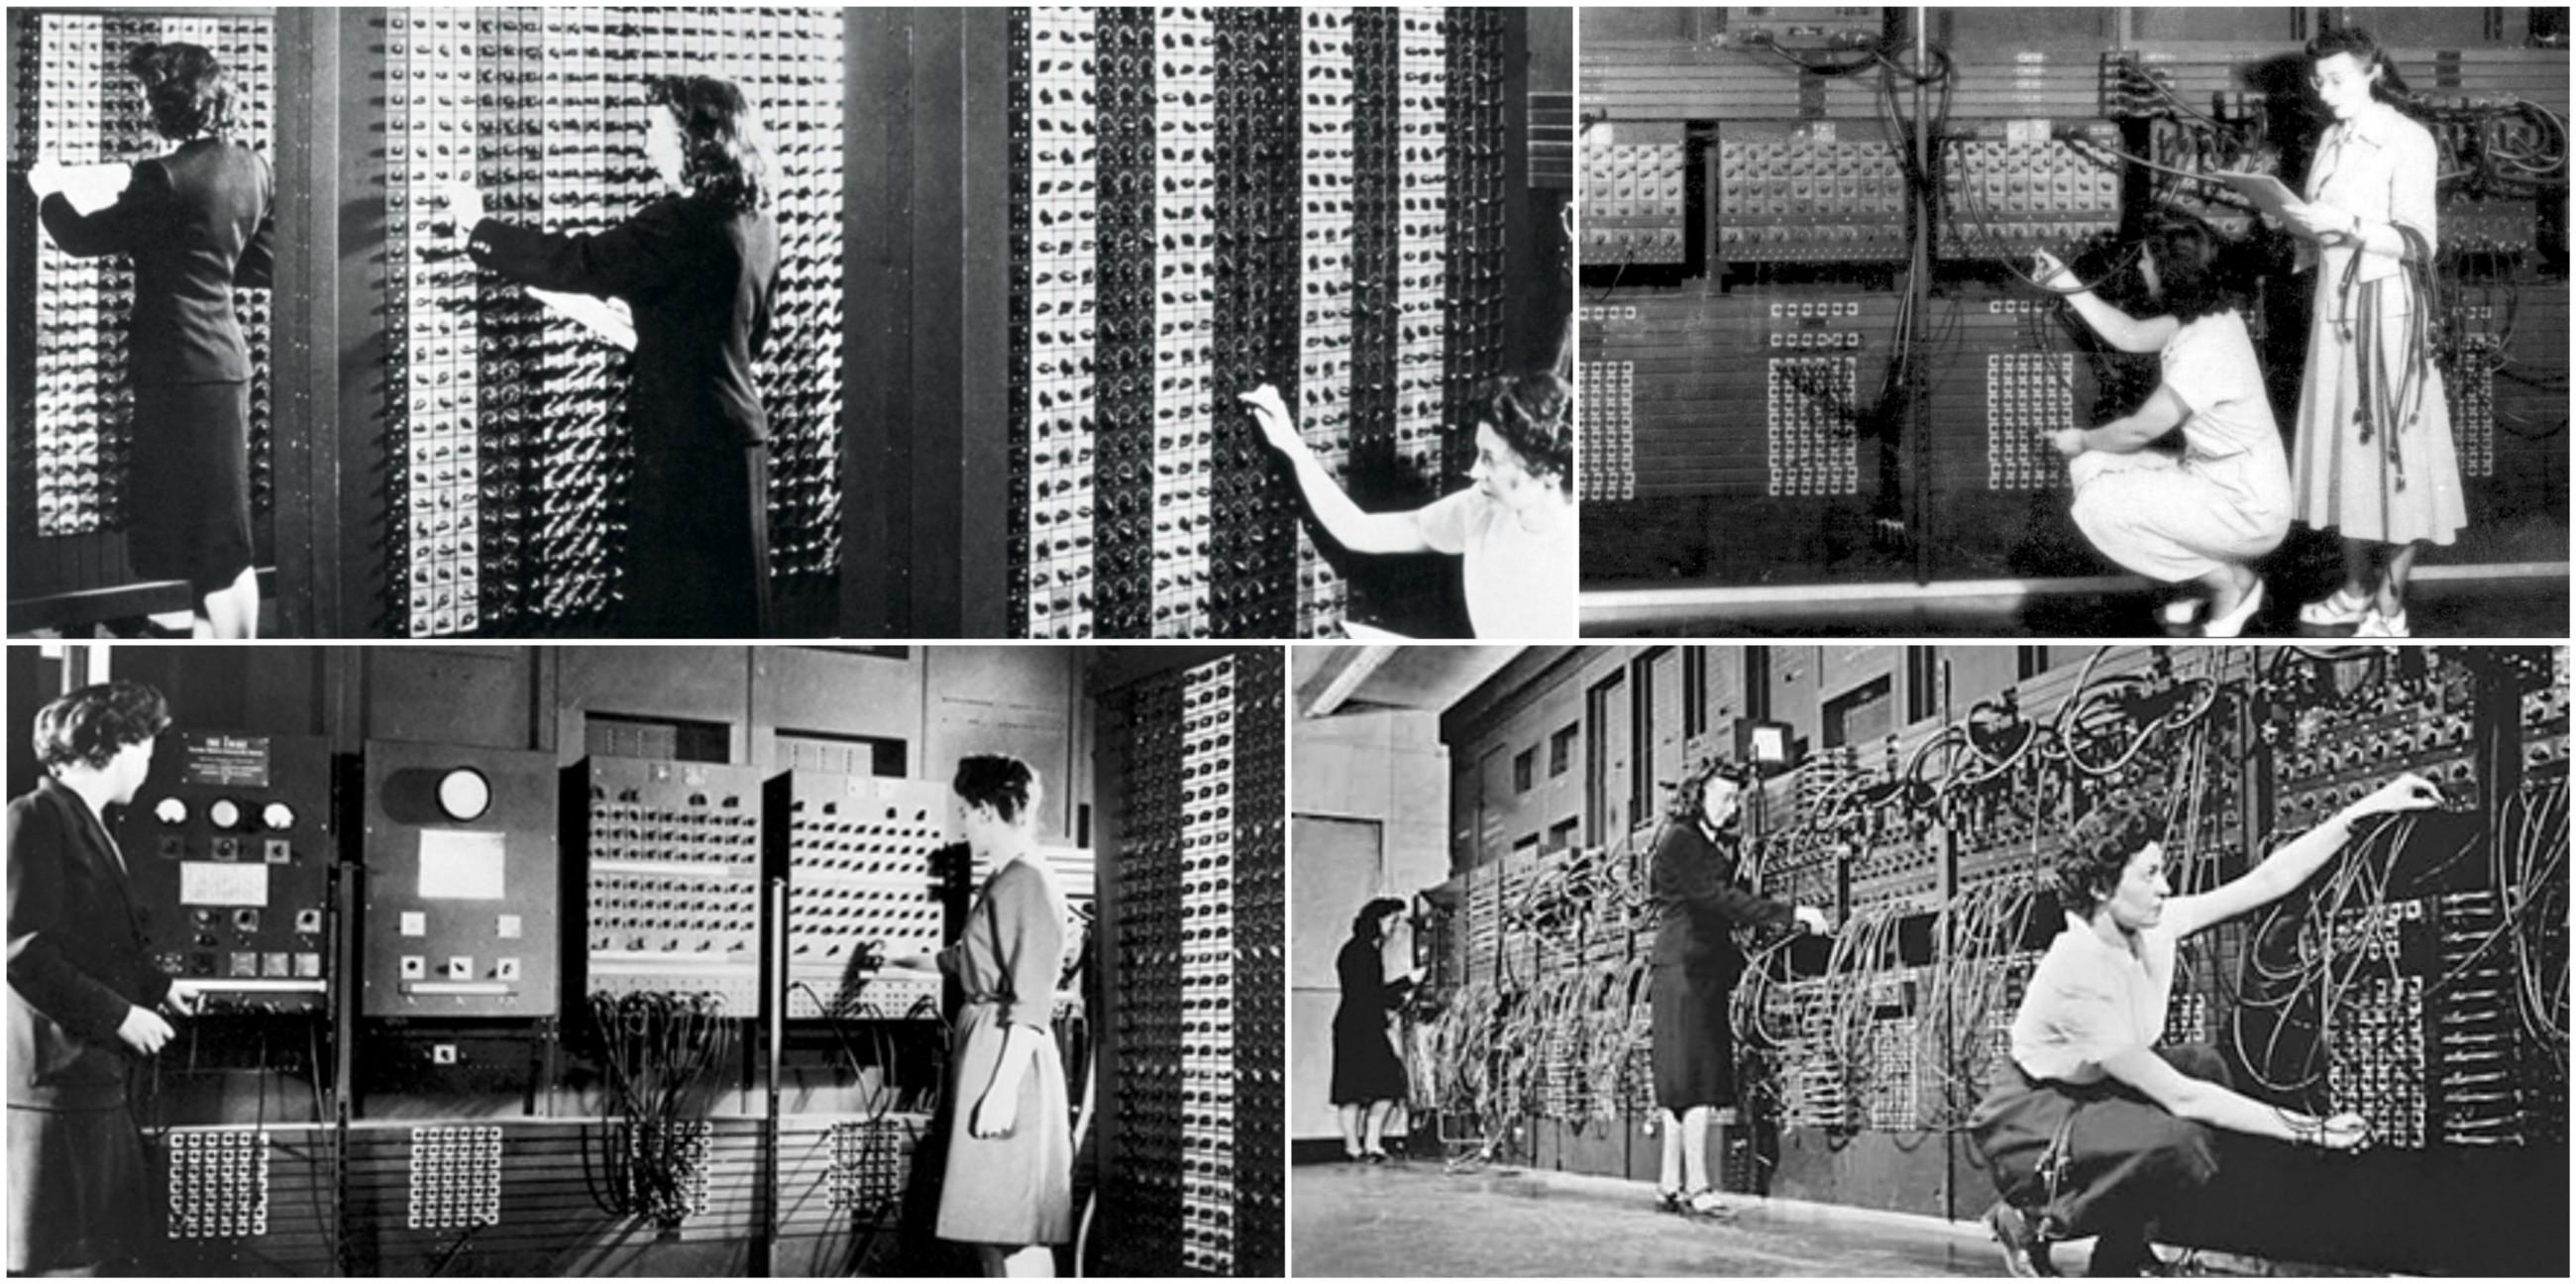 بعقولهن وأيديهن أدرن الكومبيوتر الأول في التاريخ أثناء الحرب العالمية الثانية